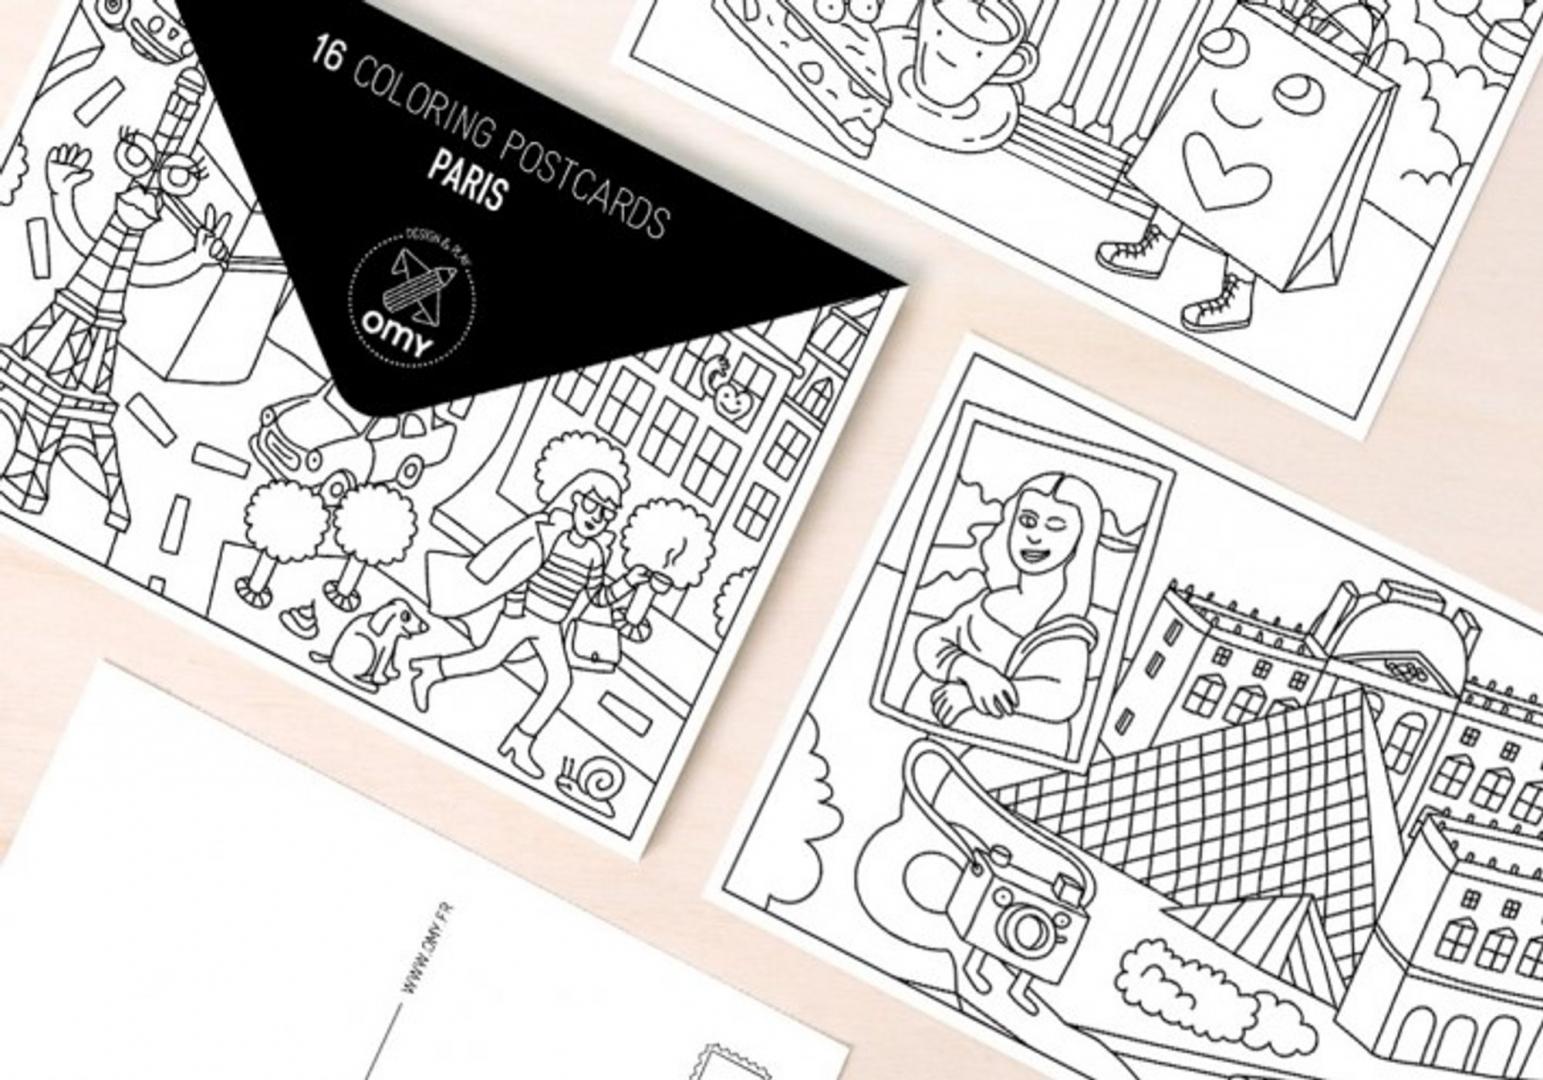 Cartes postales à colorier Paris - OMY